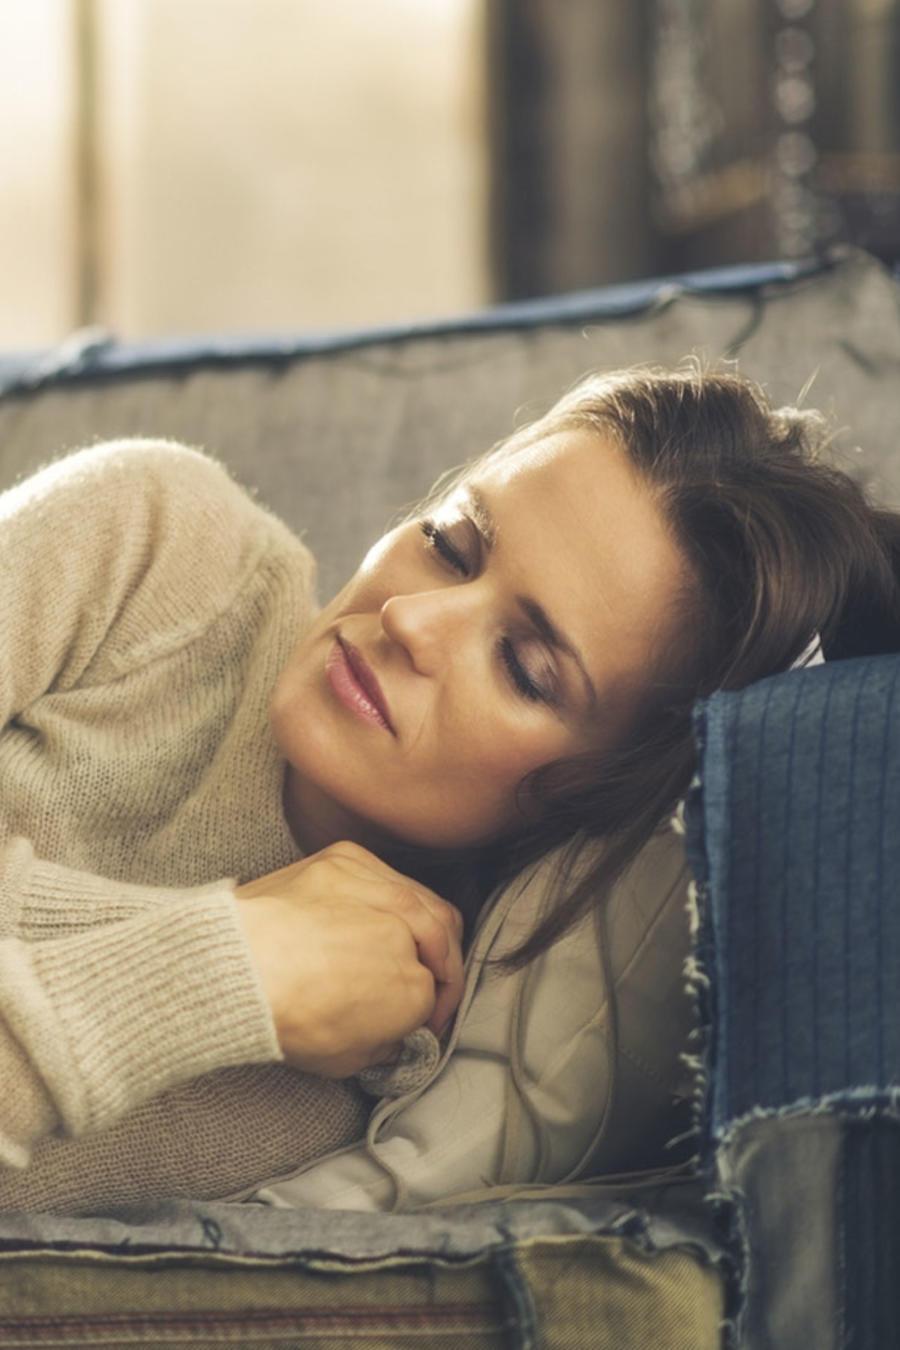 Mujer durmiendo la siesta en el sofá